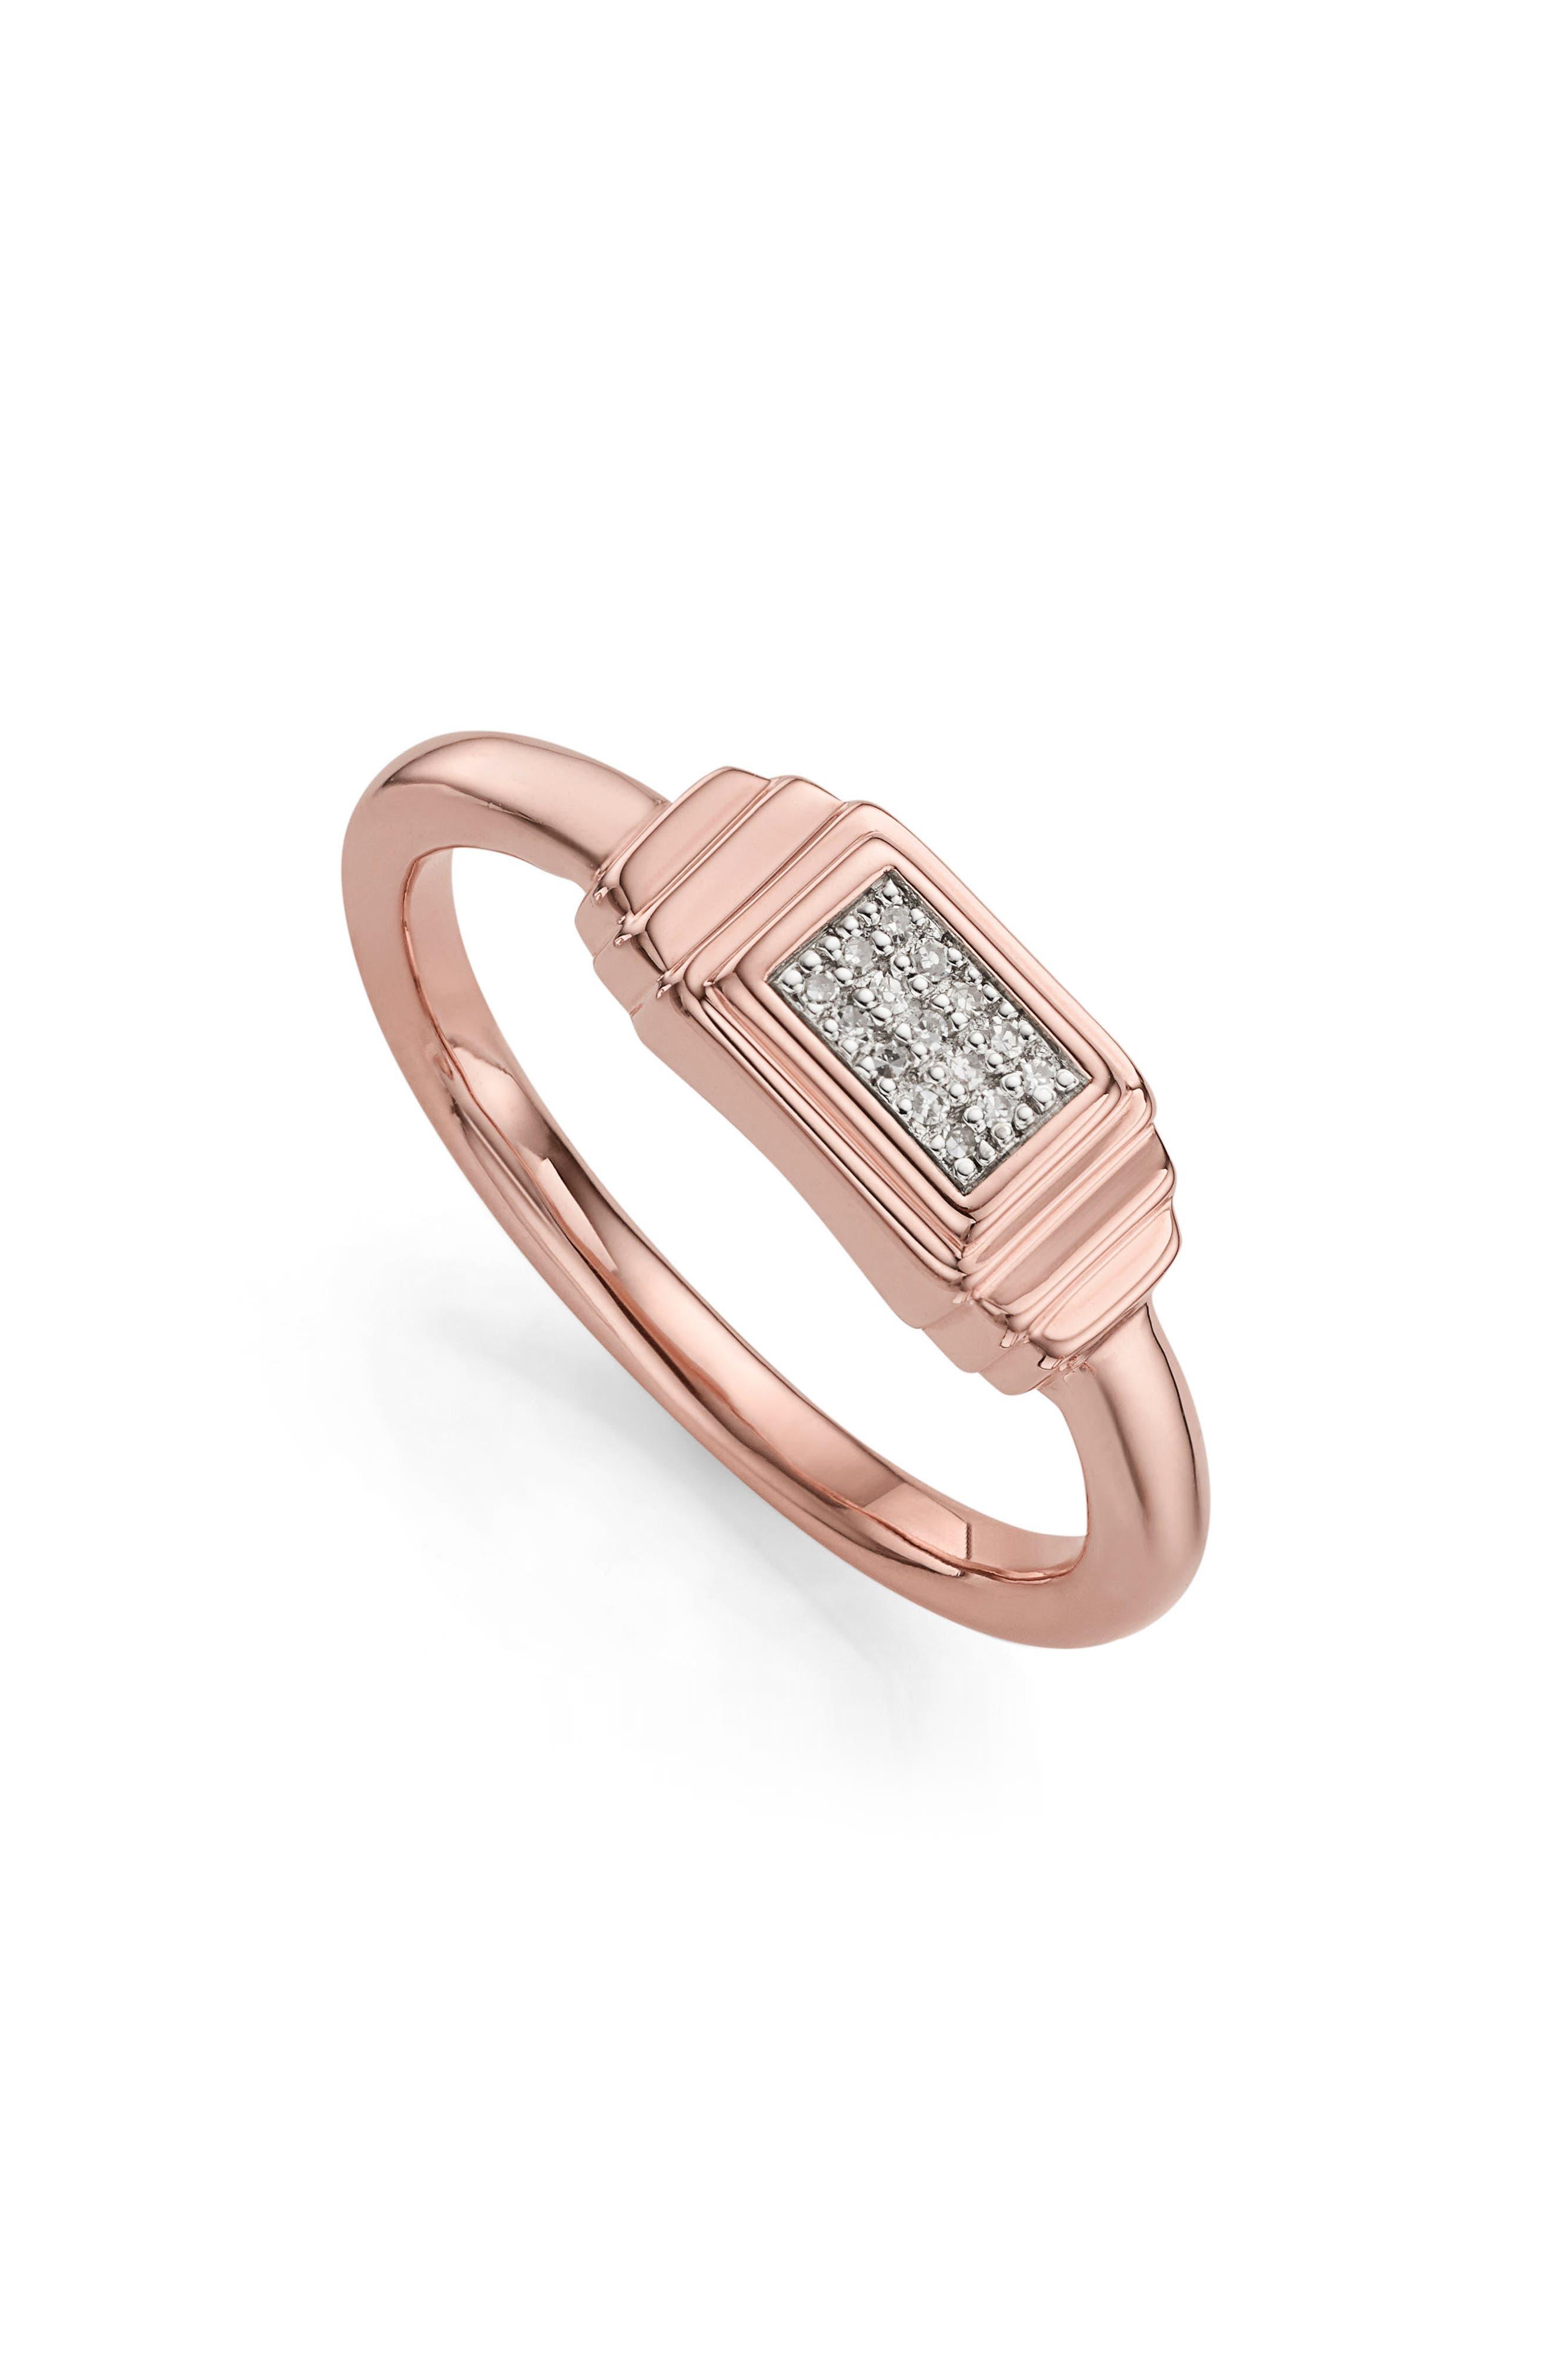 Baja Deco Diamond Ring,                             Main thumbnail 1, color,                             ROSE GOLD/ DIAMOND